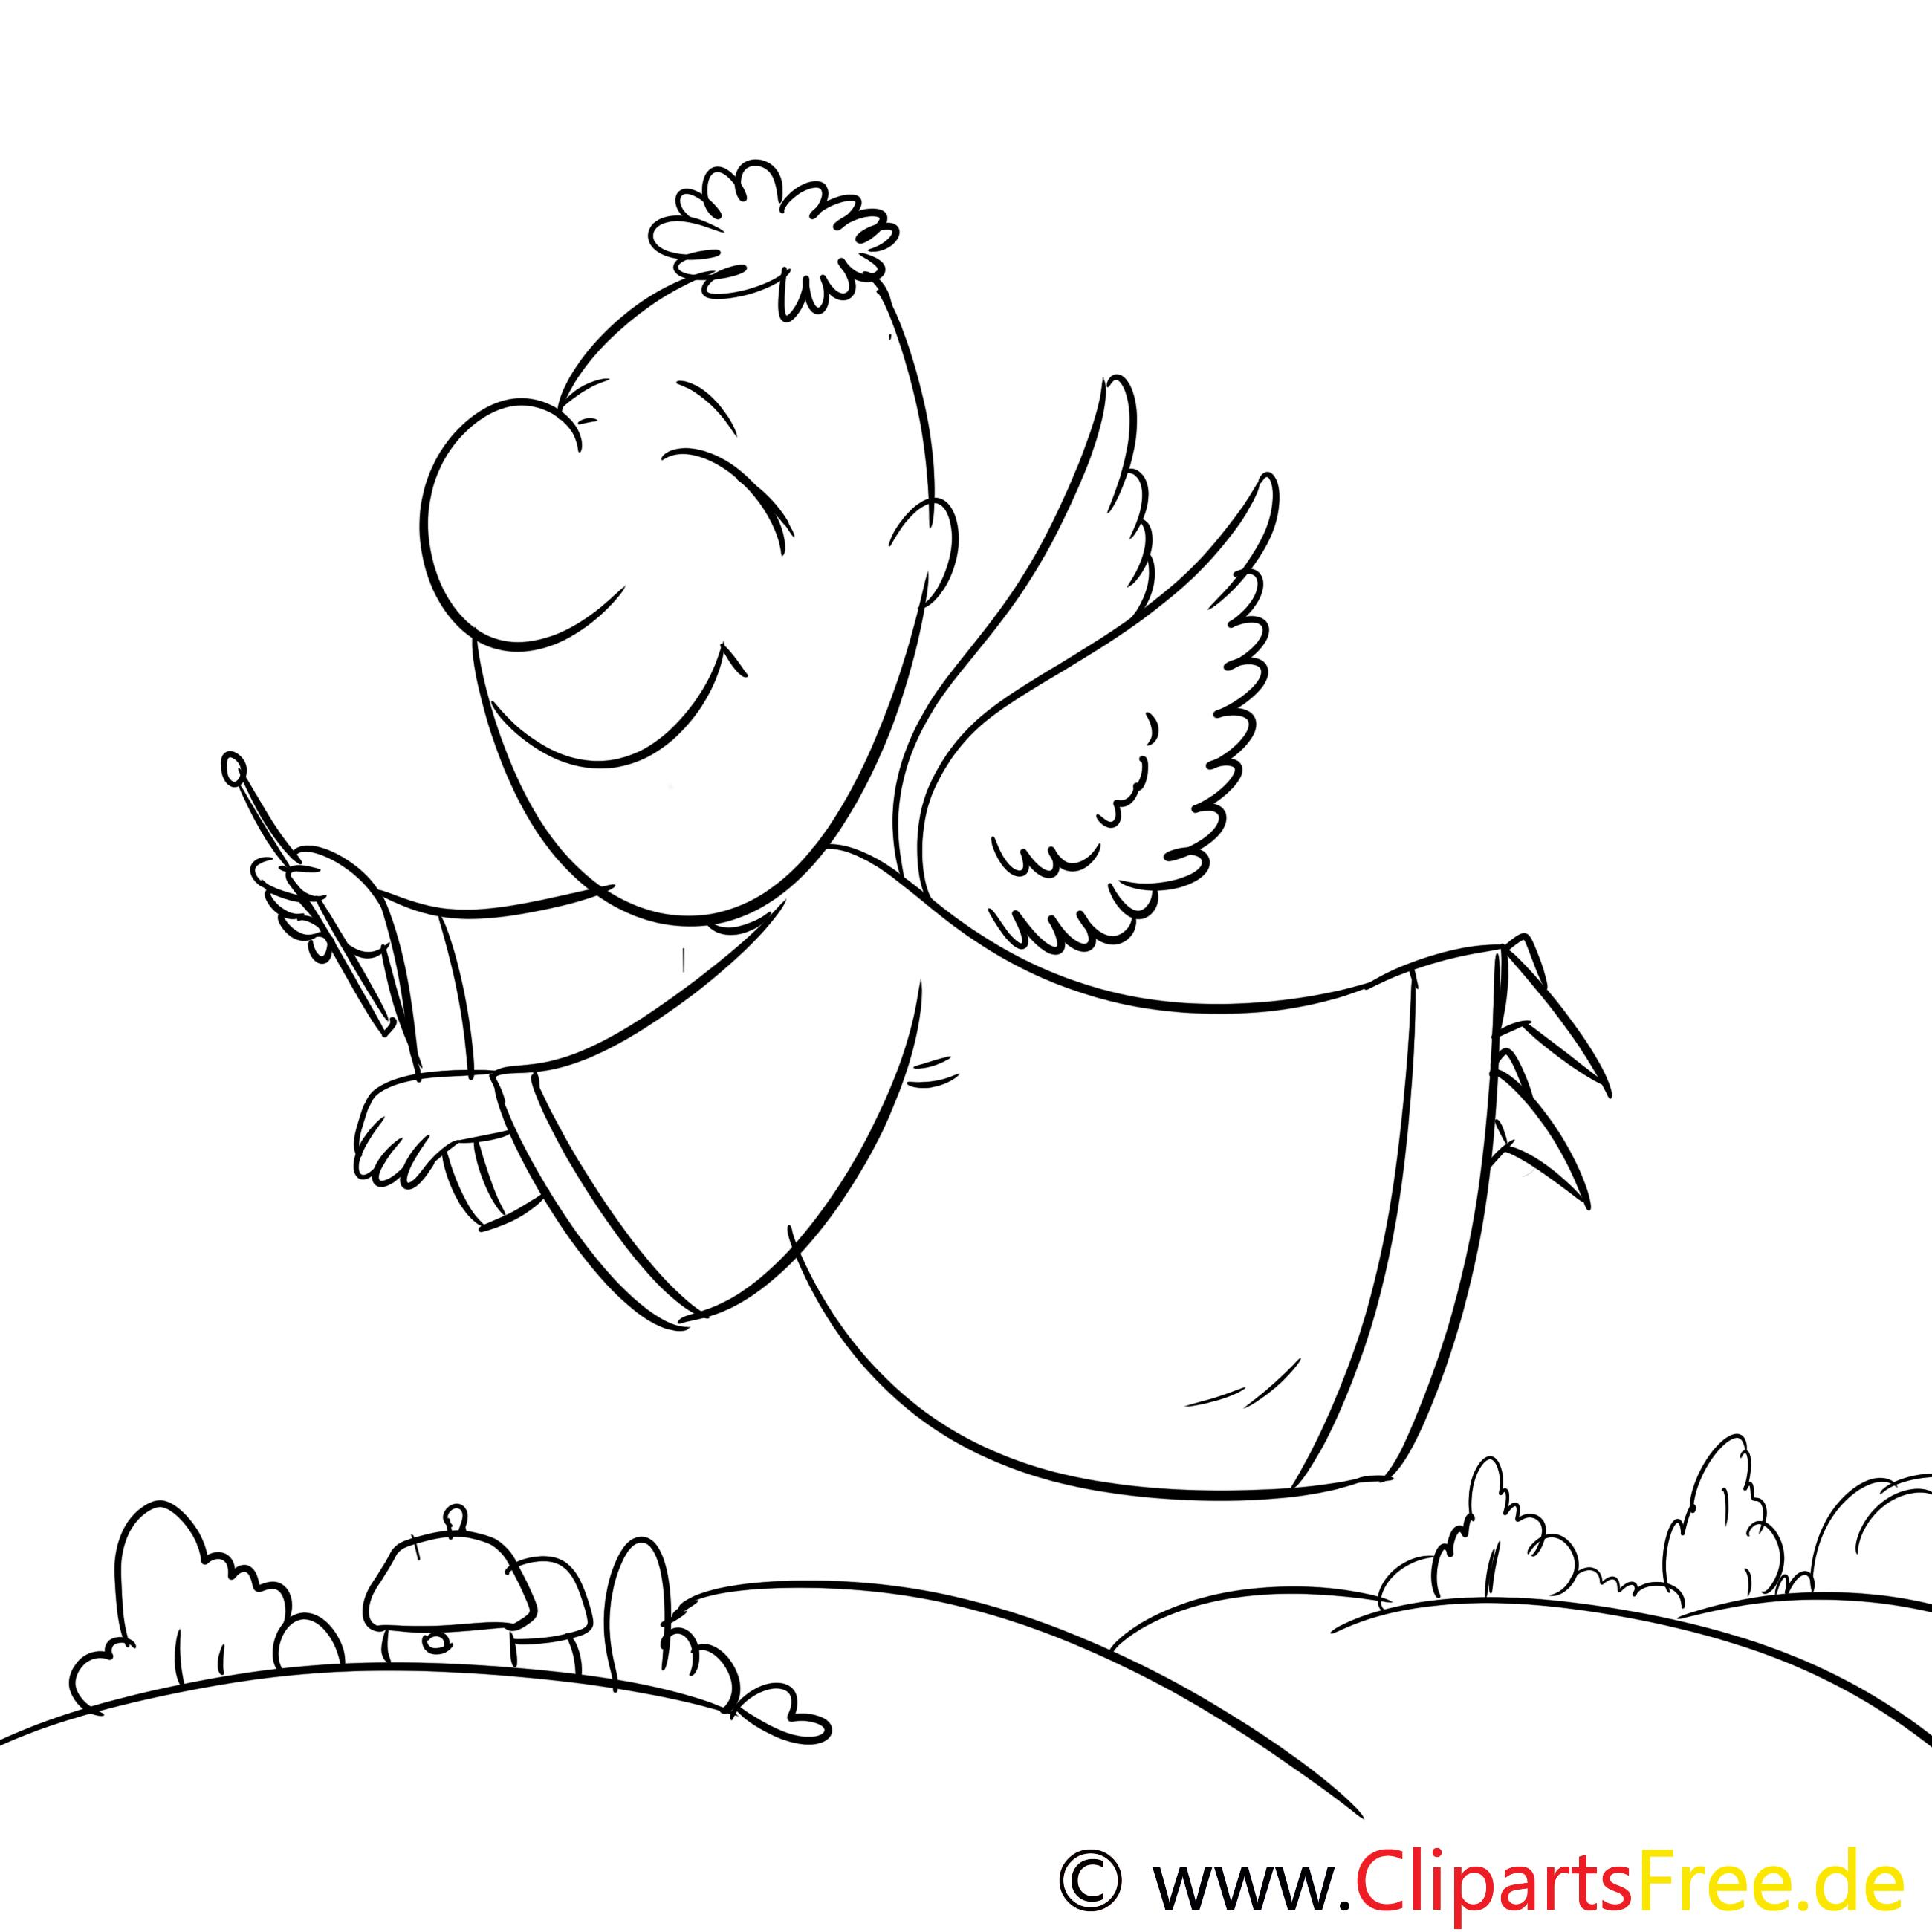 malvorlagen kostenlos engel - kostenlose malvorlagen ideen